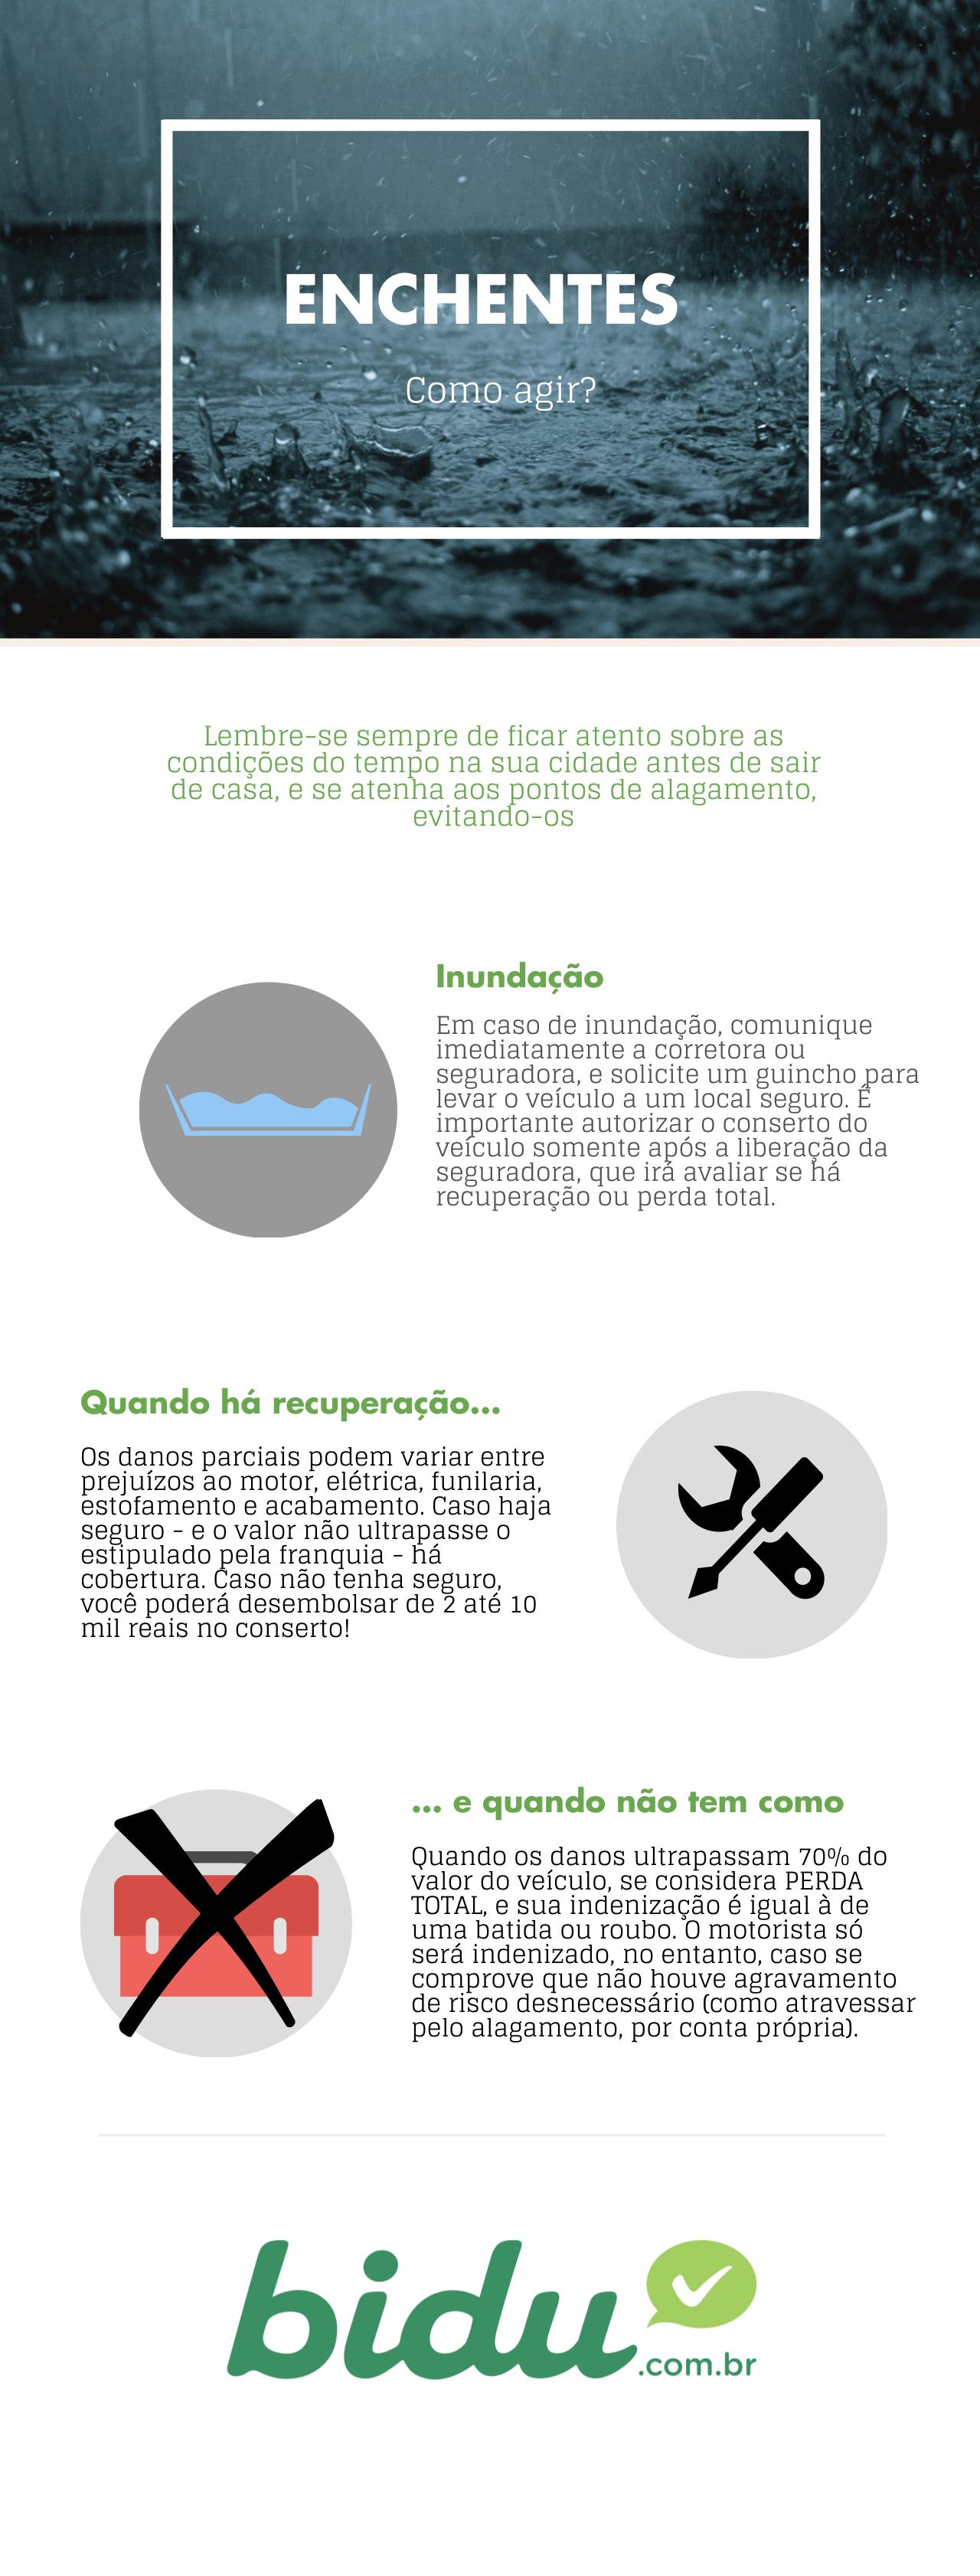 Infográfico explicando como agir caso seu carro fique preso na enchente